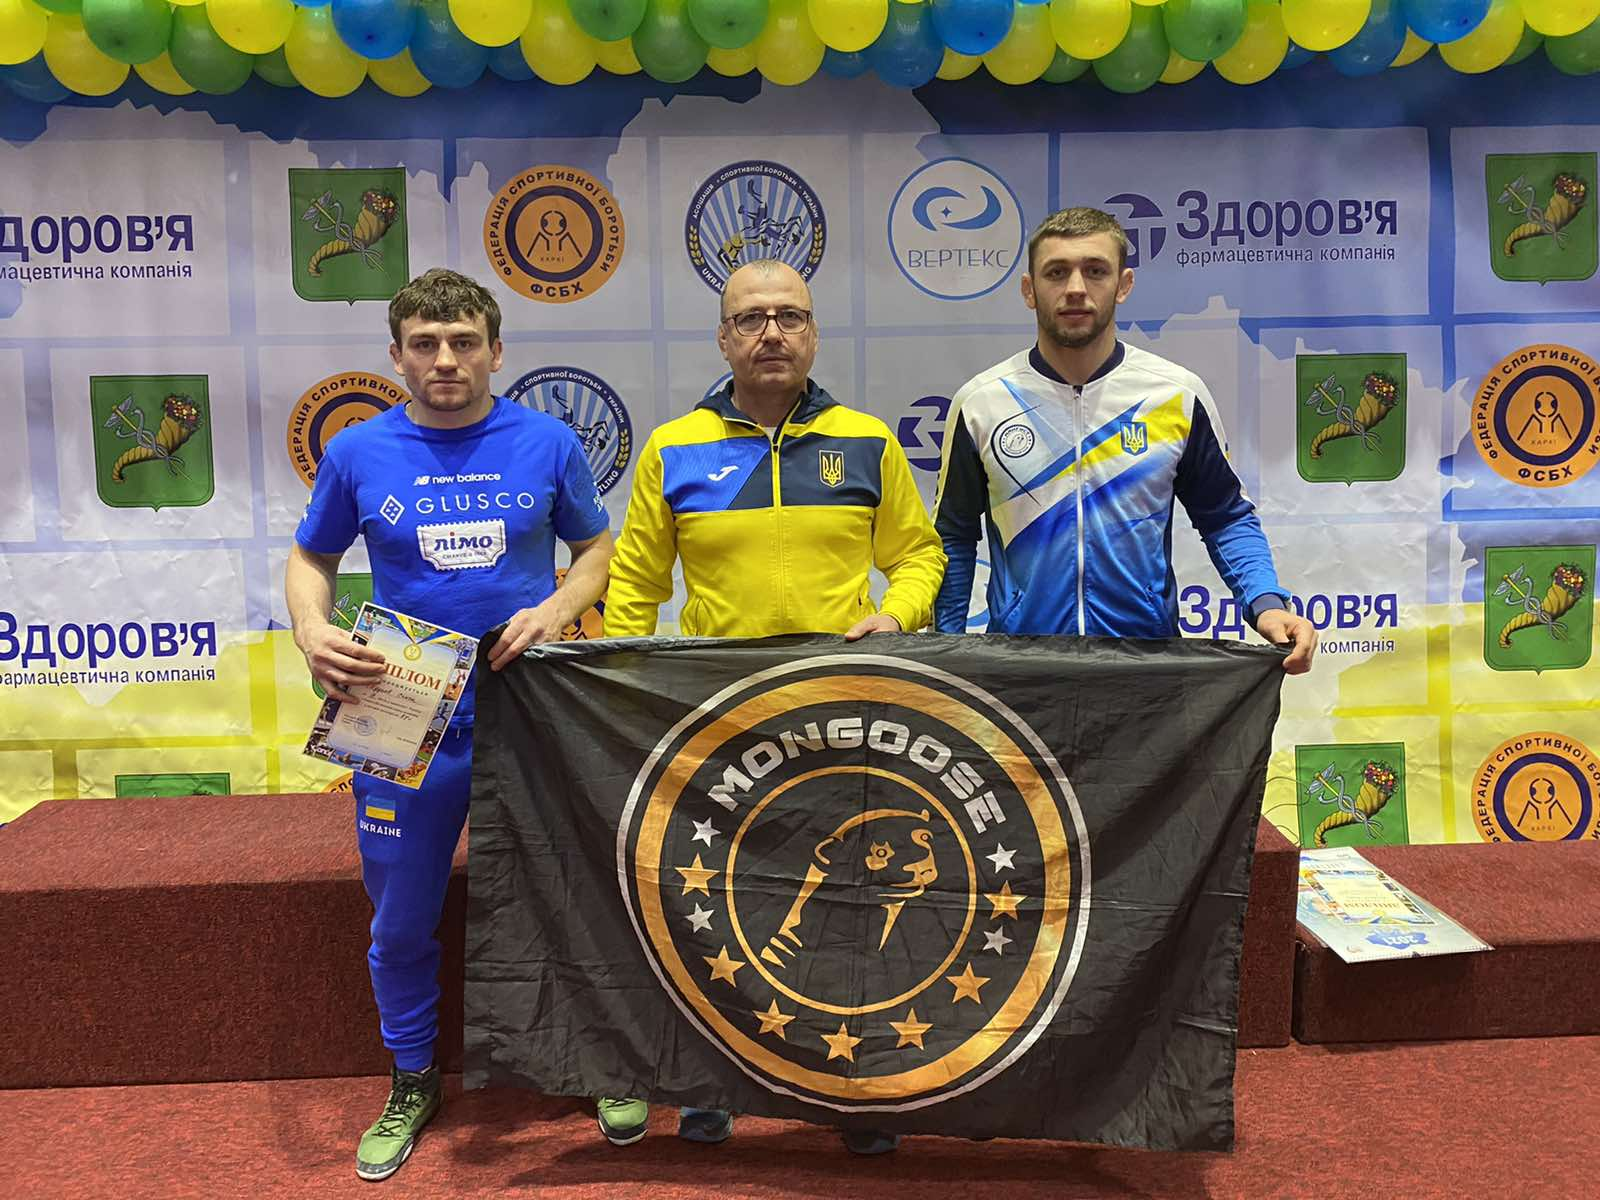 Сборная Одесской области стала чемпионом Украины по вольной борьбе